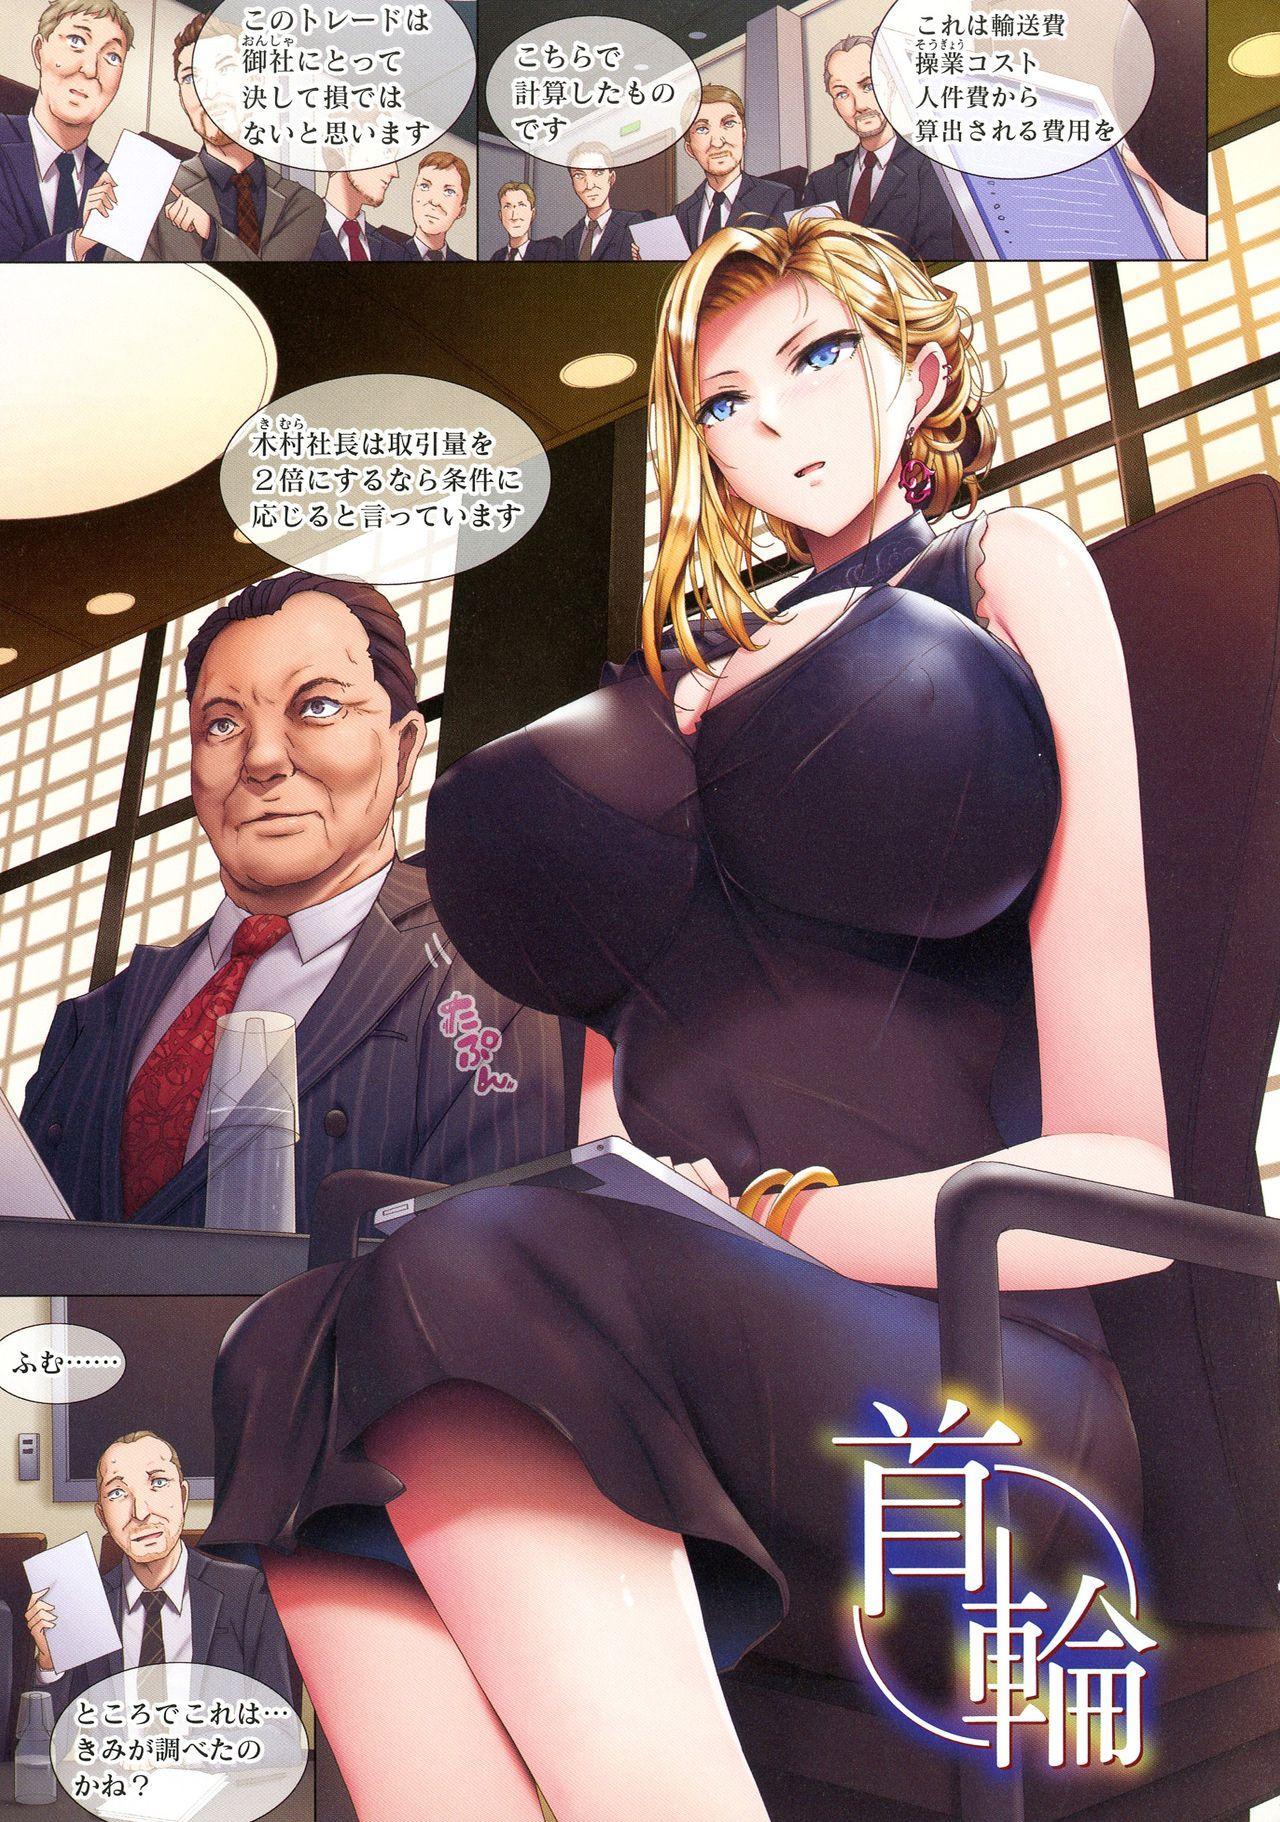 Musaboru Onna - Deeply Desire of Nasty Women 58